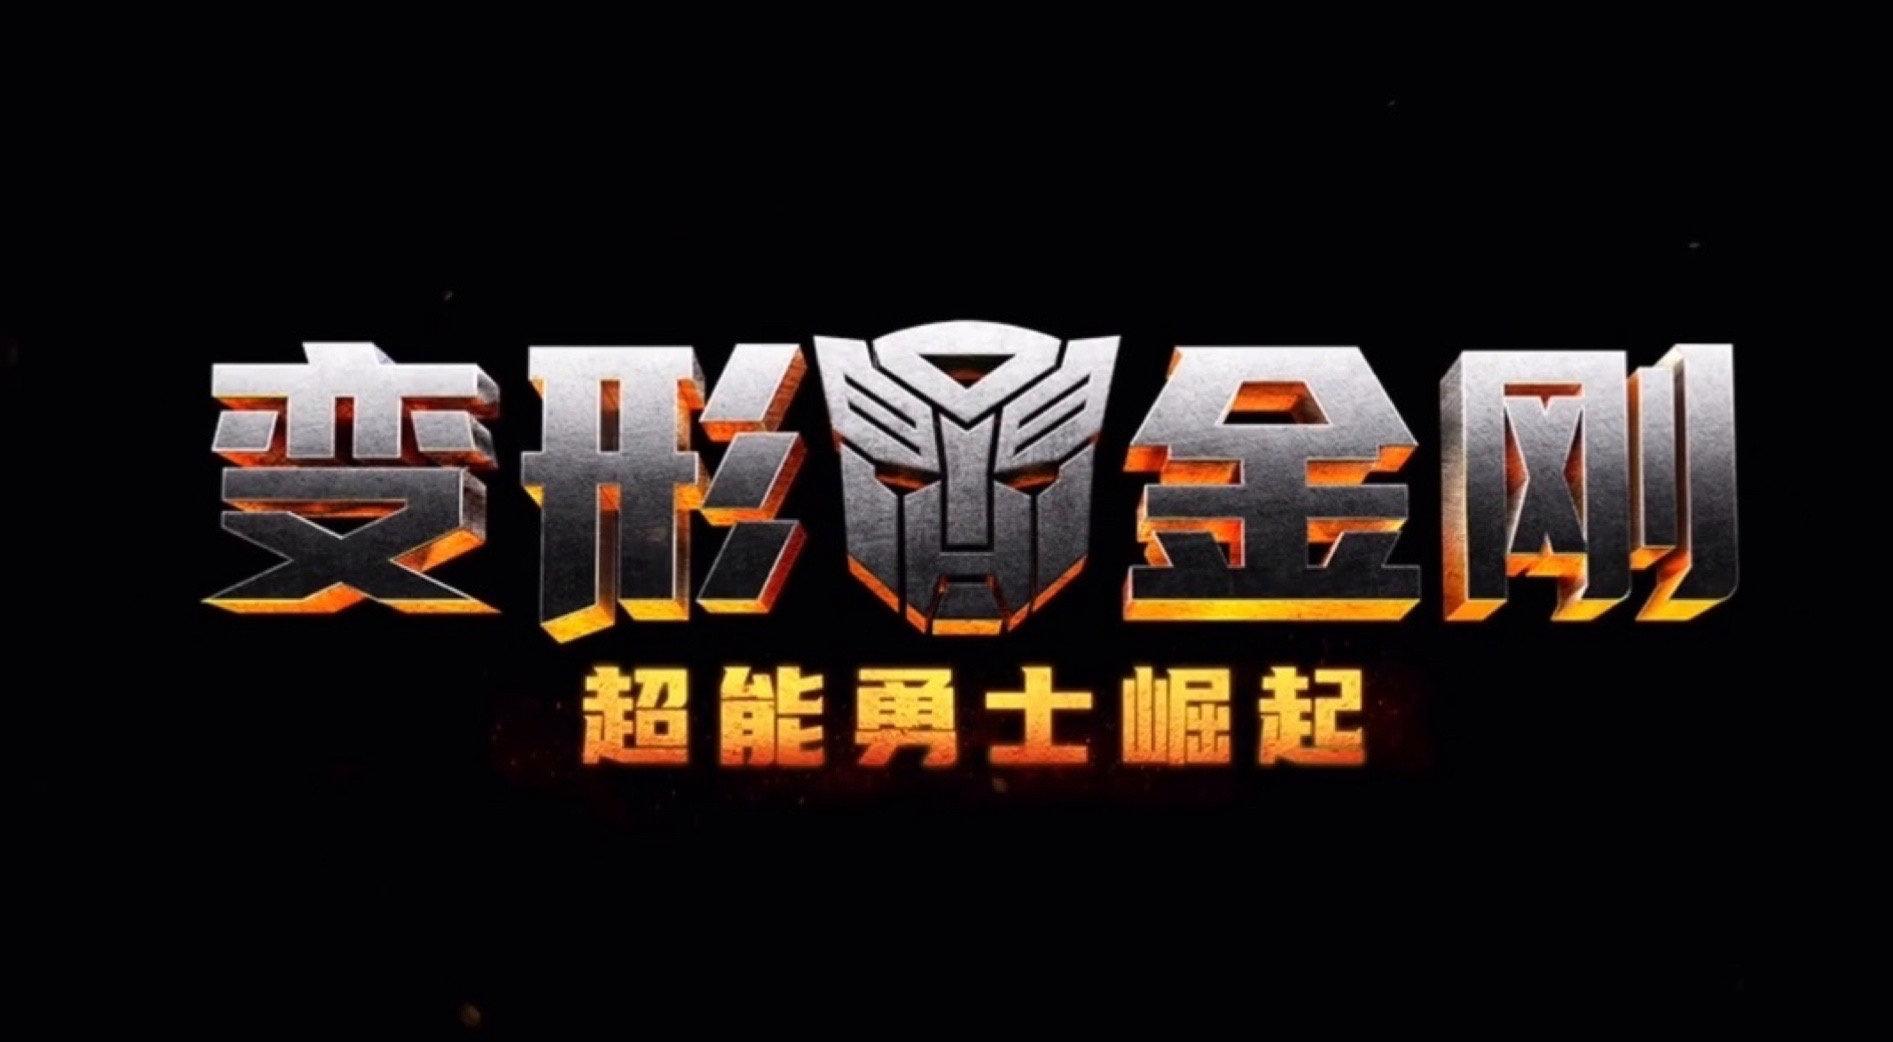 《变形金刚7》剧情简介公布 预计上映日期会延期